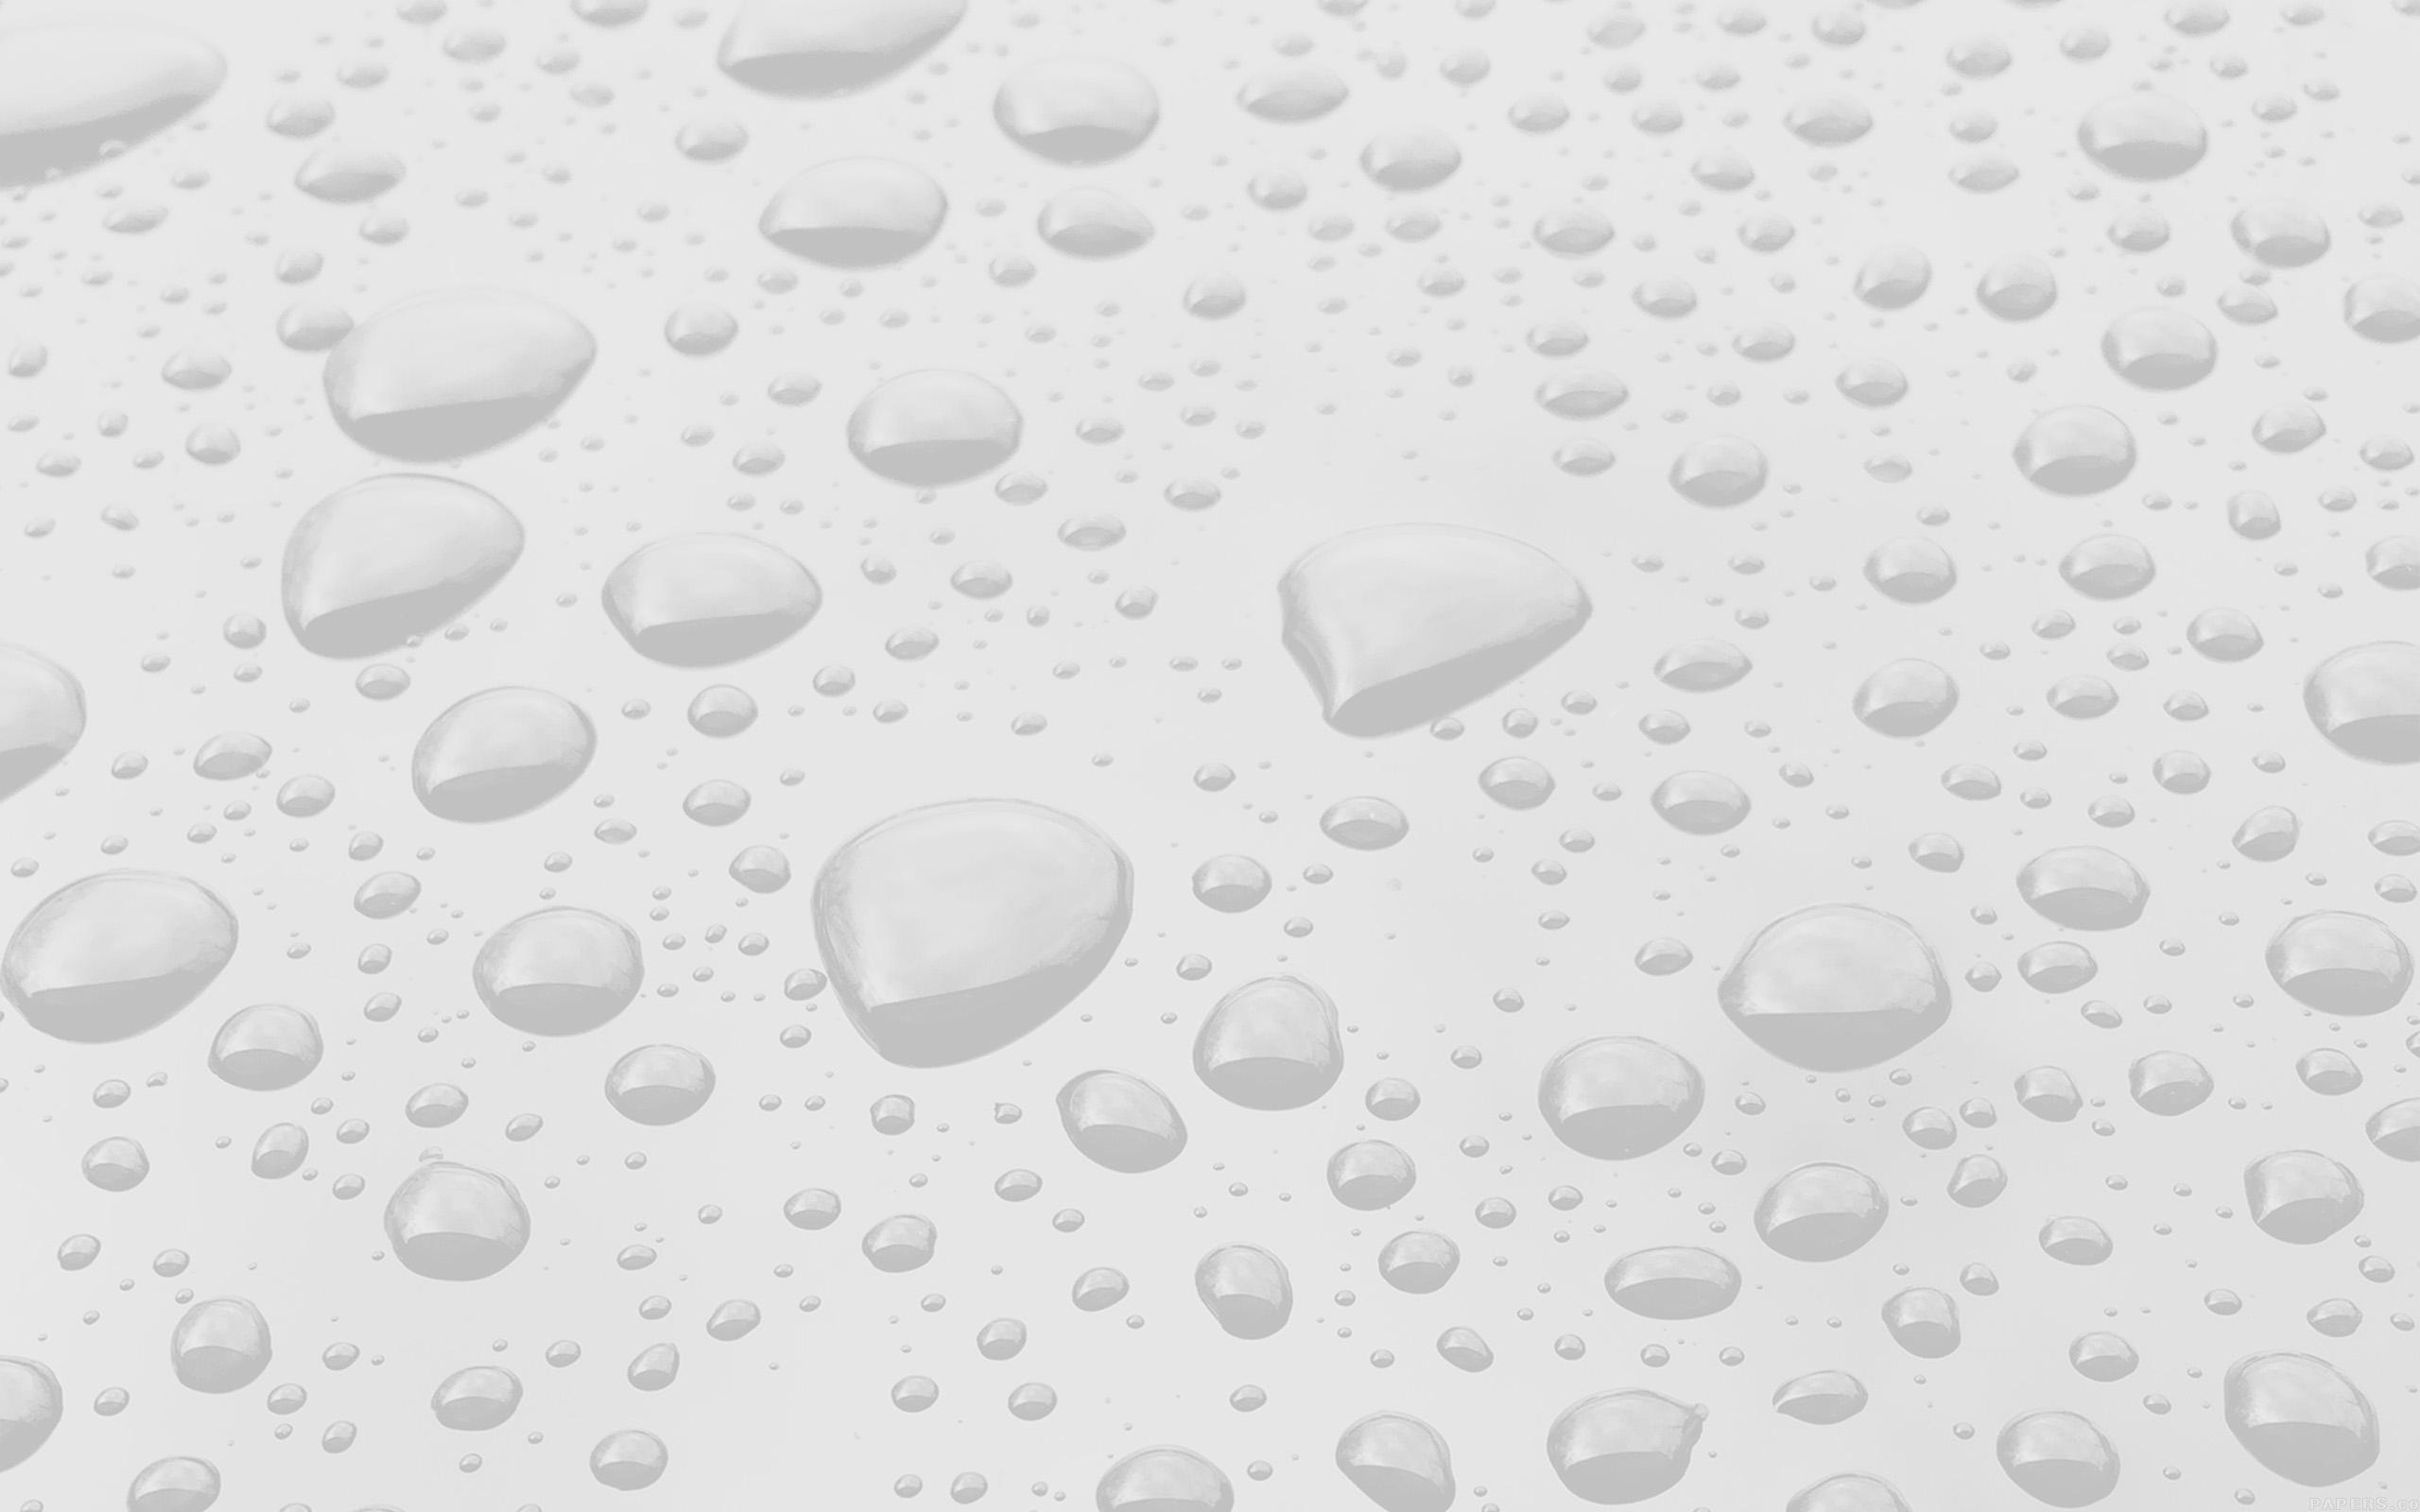   vh96-rain-drops-white-water-pattern